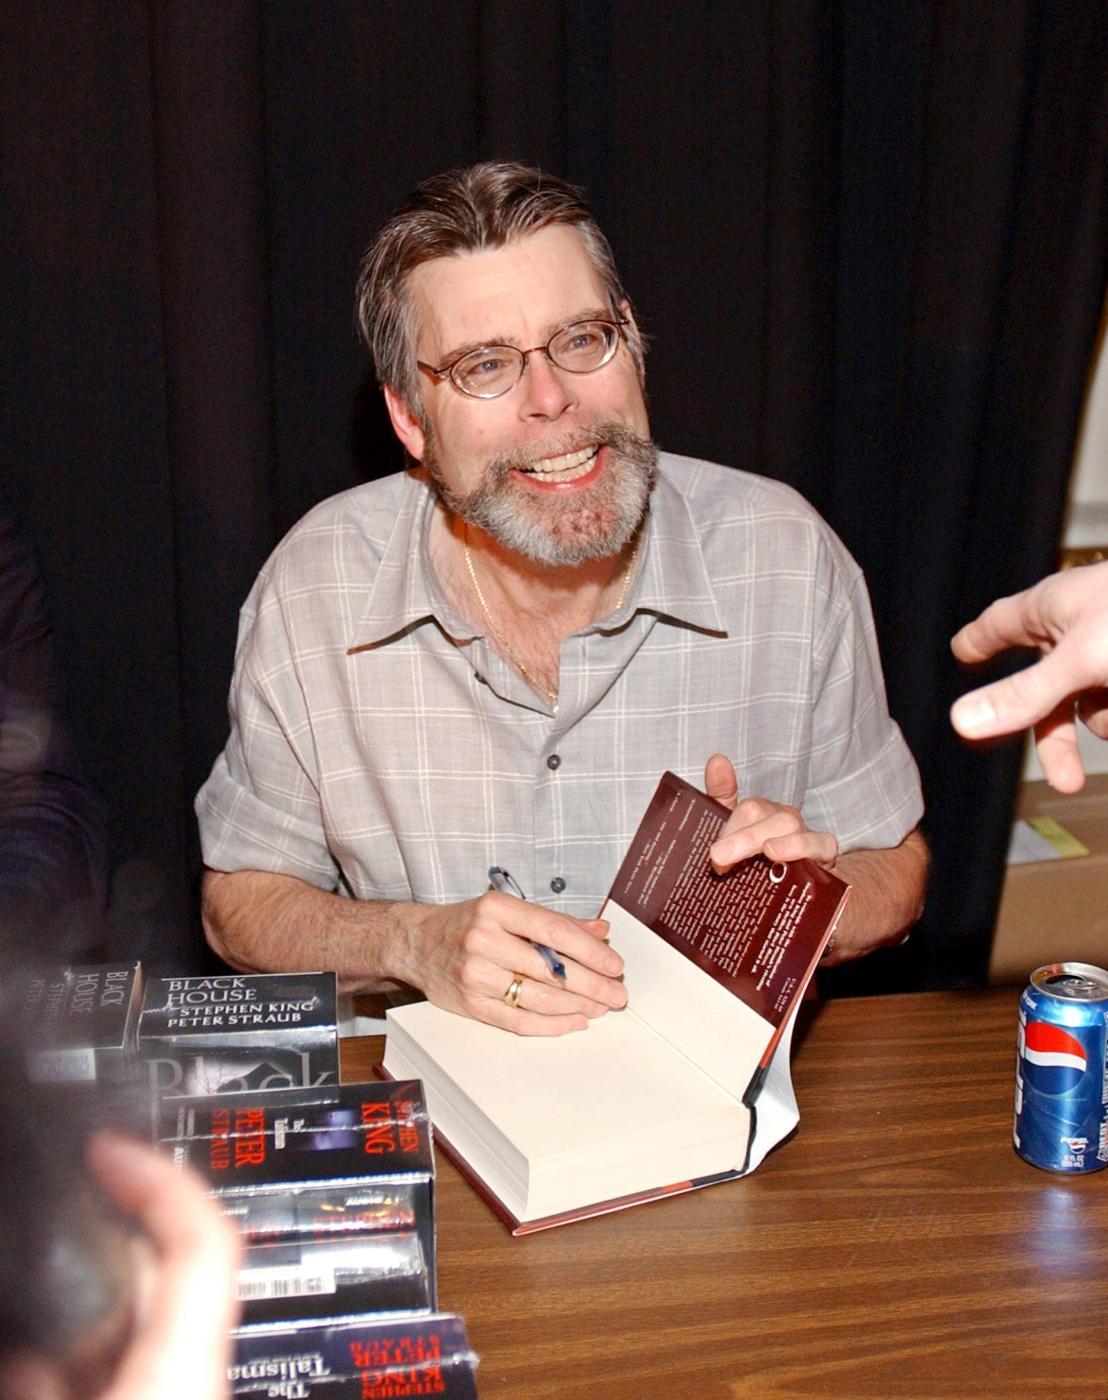 Il bazar dei brutti sogni, di Stephen King: il nuovo libro è un'antologia di racconti